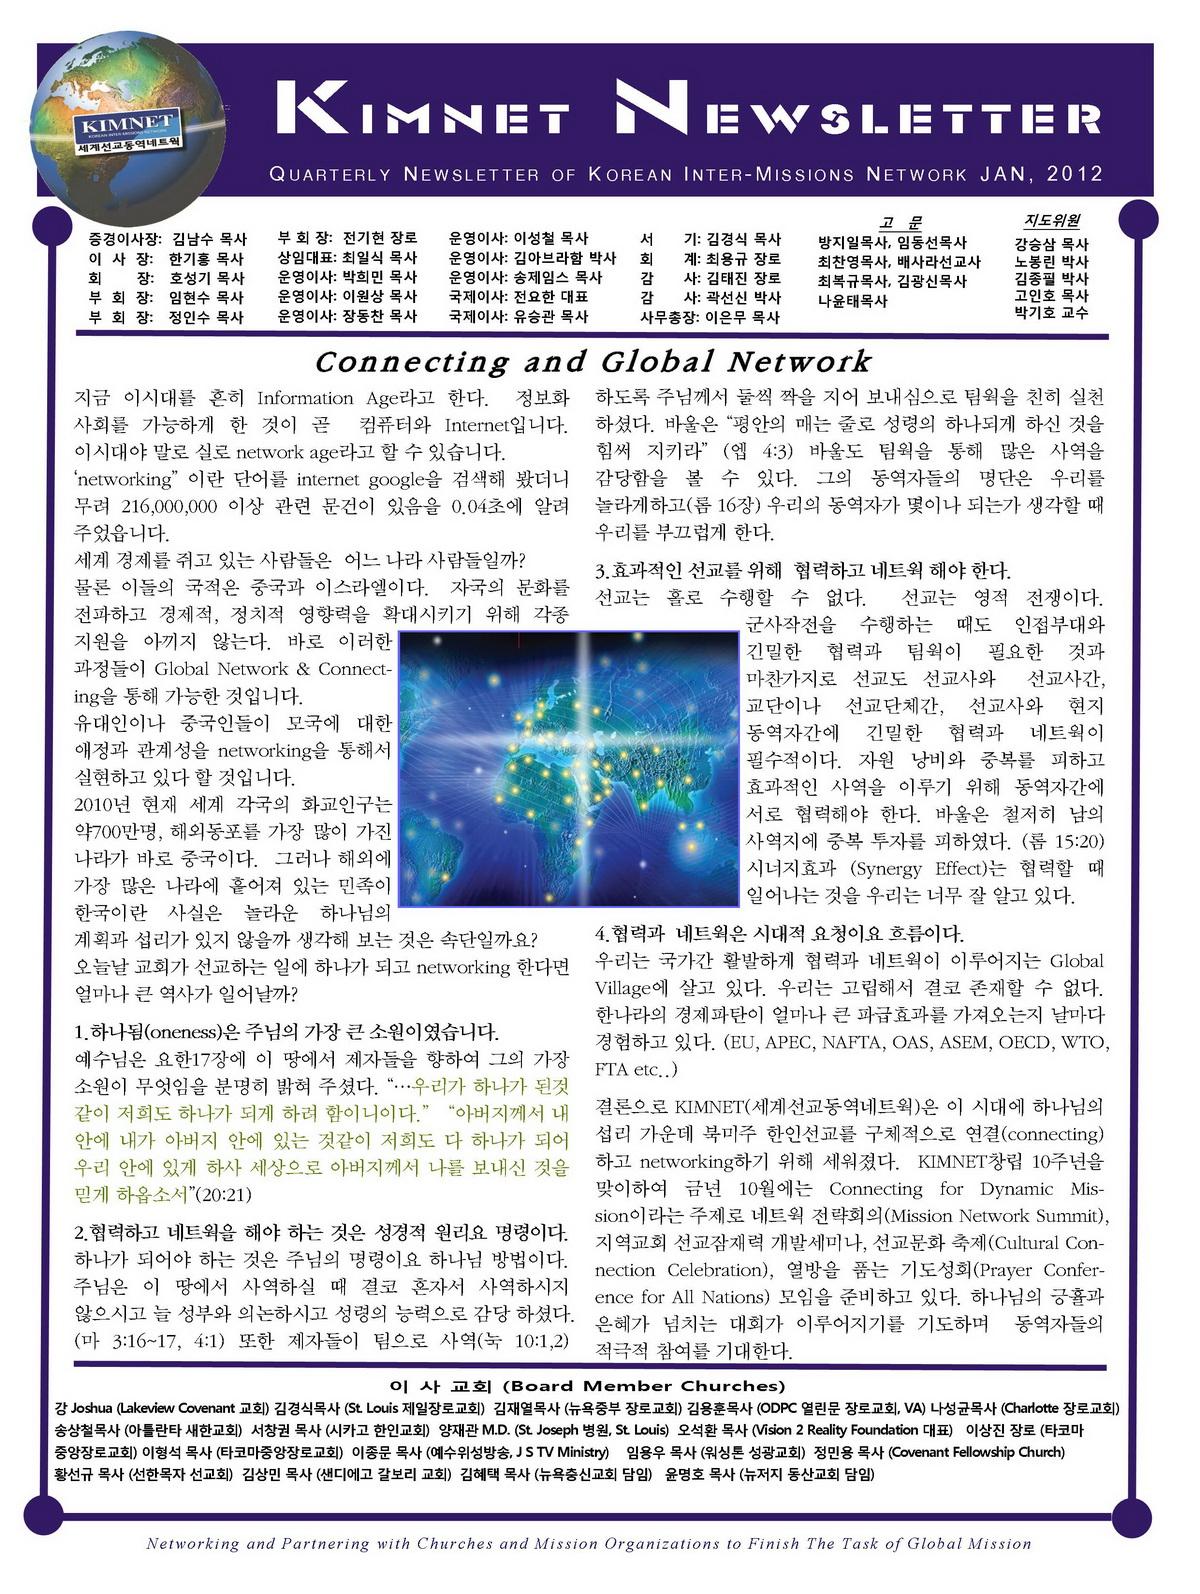 Newsletter_KIMNET_2011_Winter_001.jpg